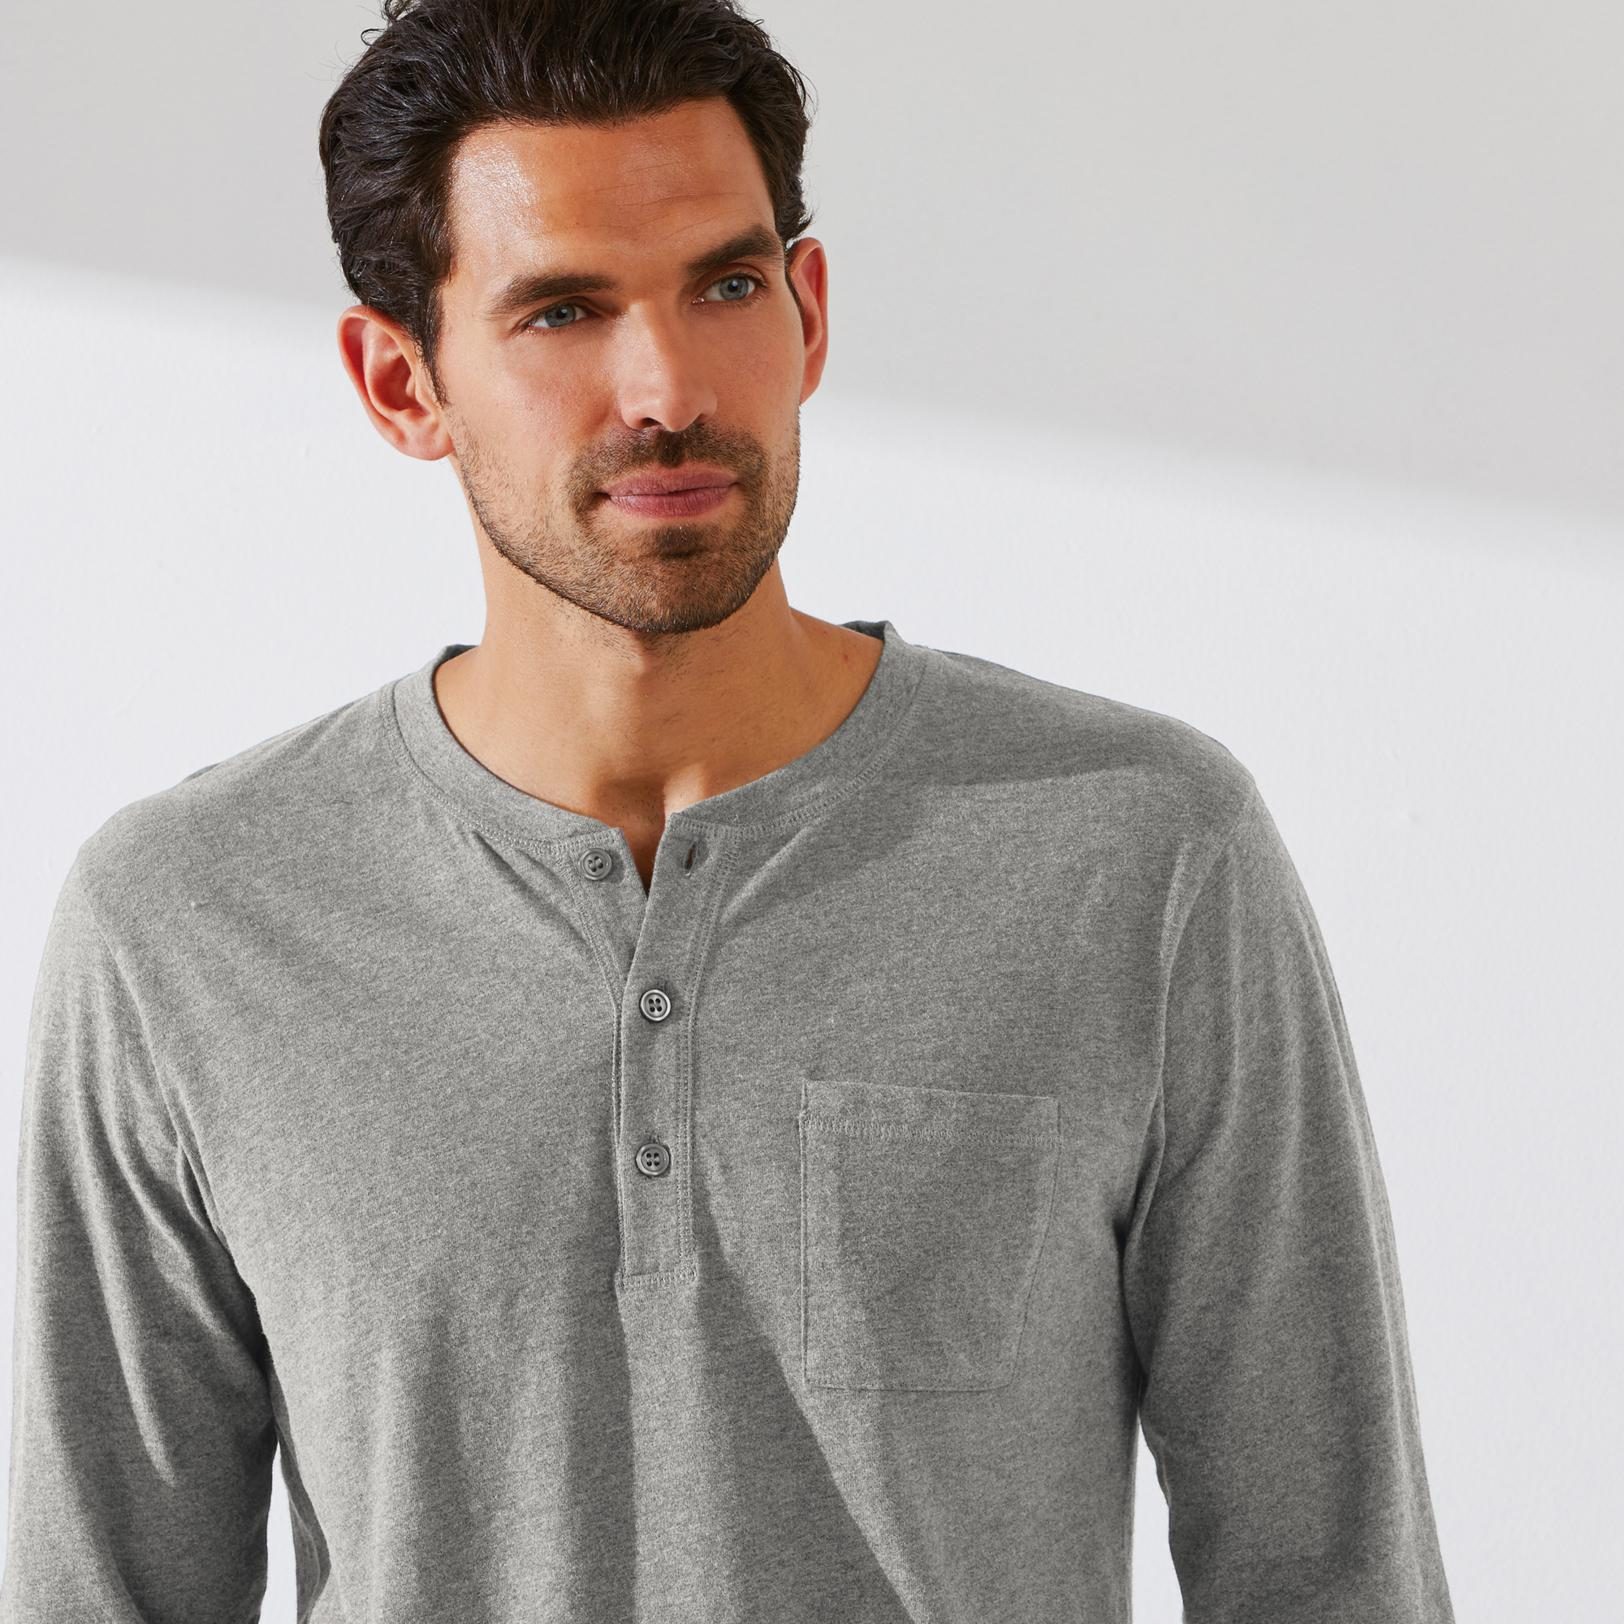 Jual Murah Popustores Ss Solid Shirt Abu Muda Xl Update 2018 L Hammer Henley Fashion T Pria Putih Daftar Harga Terkini Dan